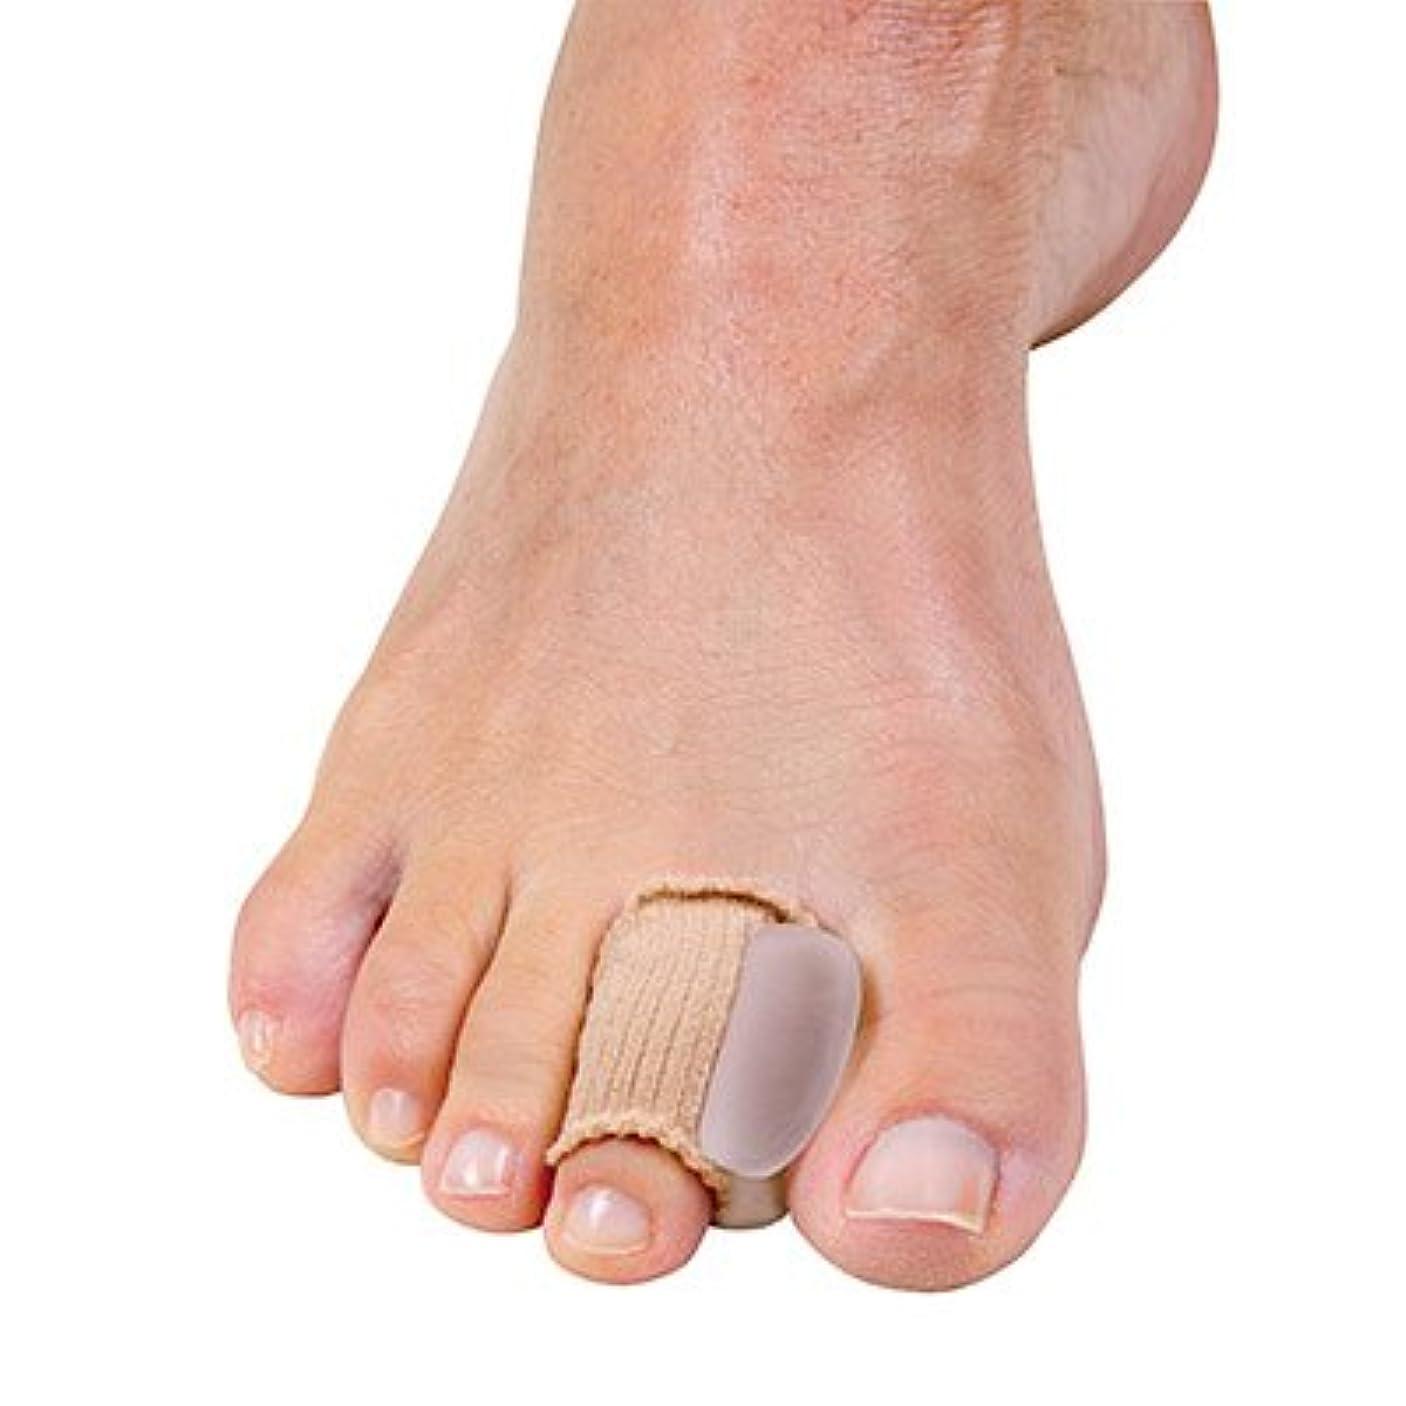 組み合わせ組み合わせ本質的に外反母趾用足指スペーサー?伸縮性メッシュ生地製(P30-M)(サイズM)